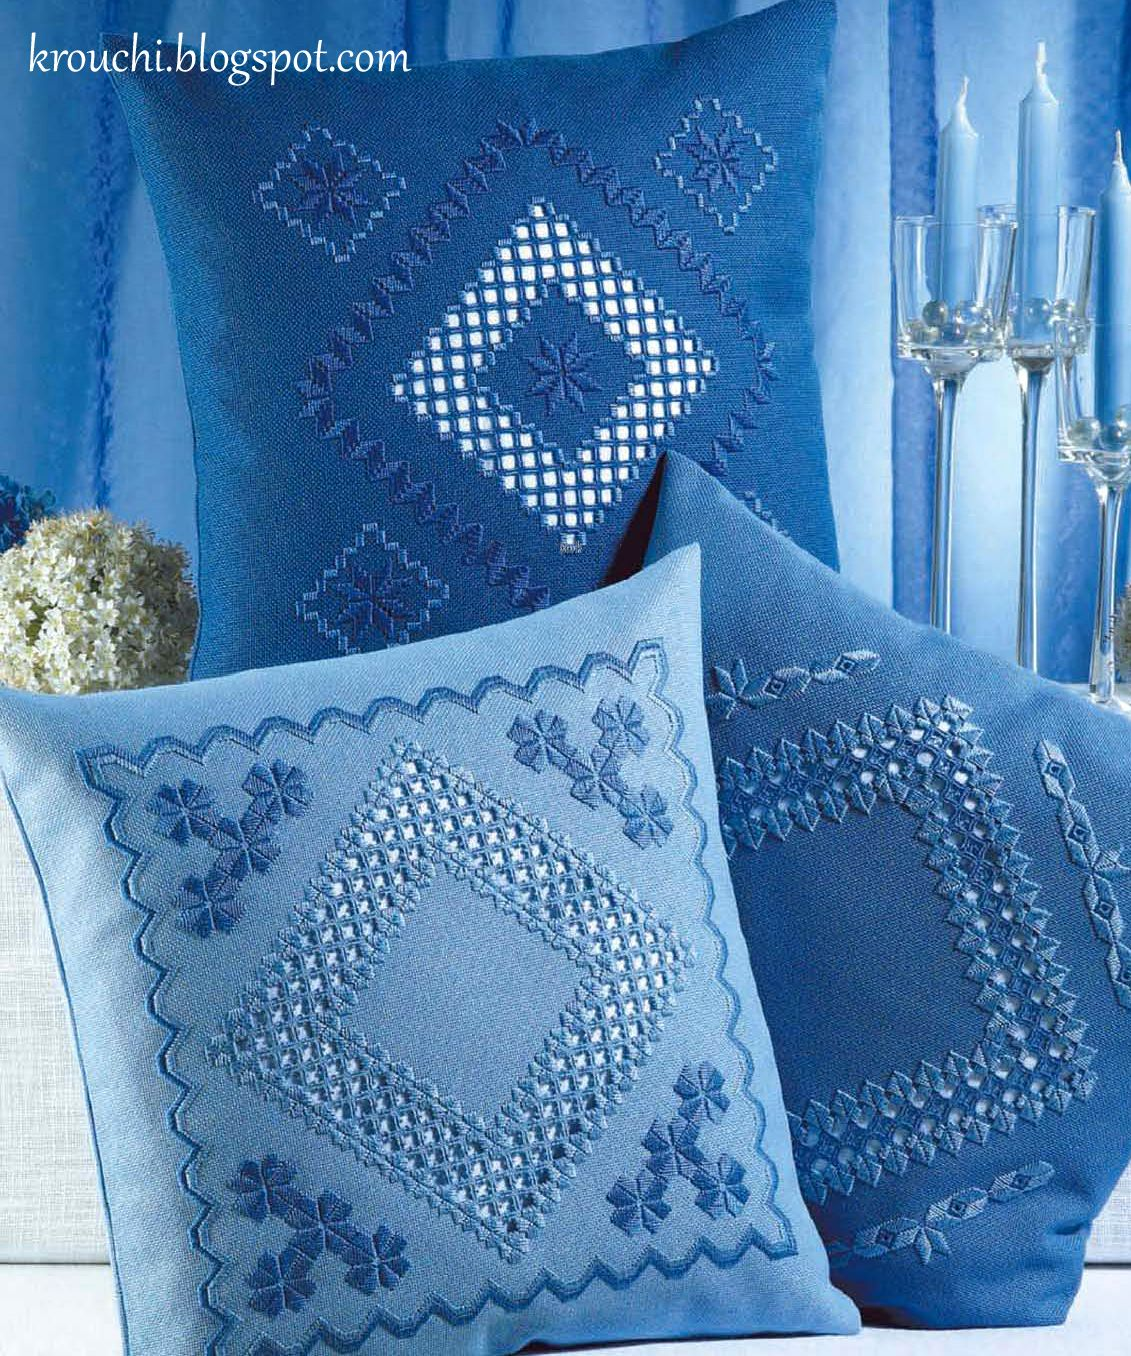 Draps Au Crochet Algerien Recherche Google Crochets  # Tables Pour Teles Ouedkniss